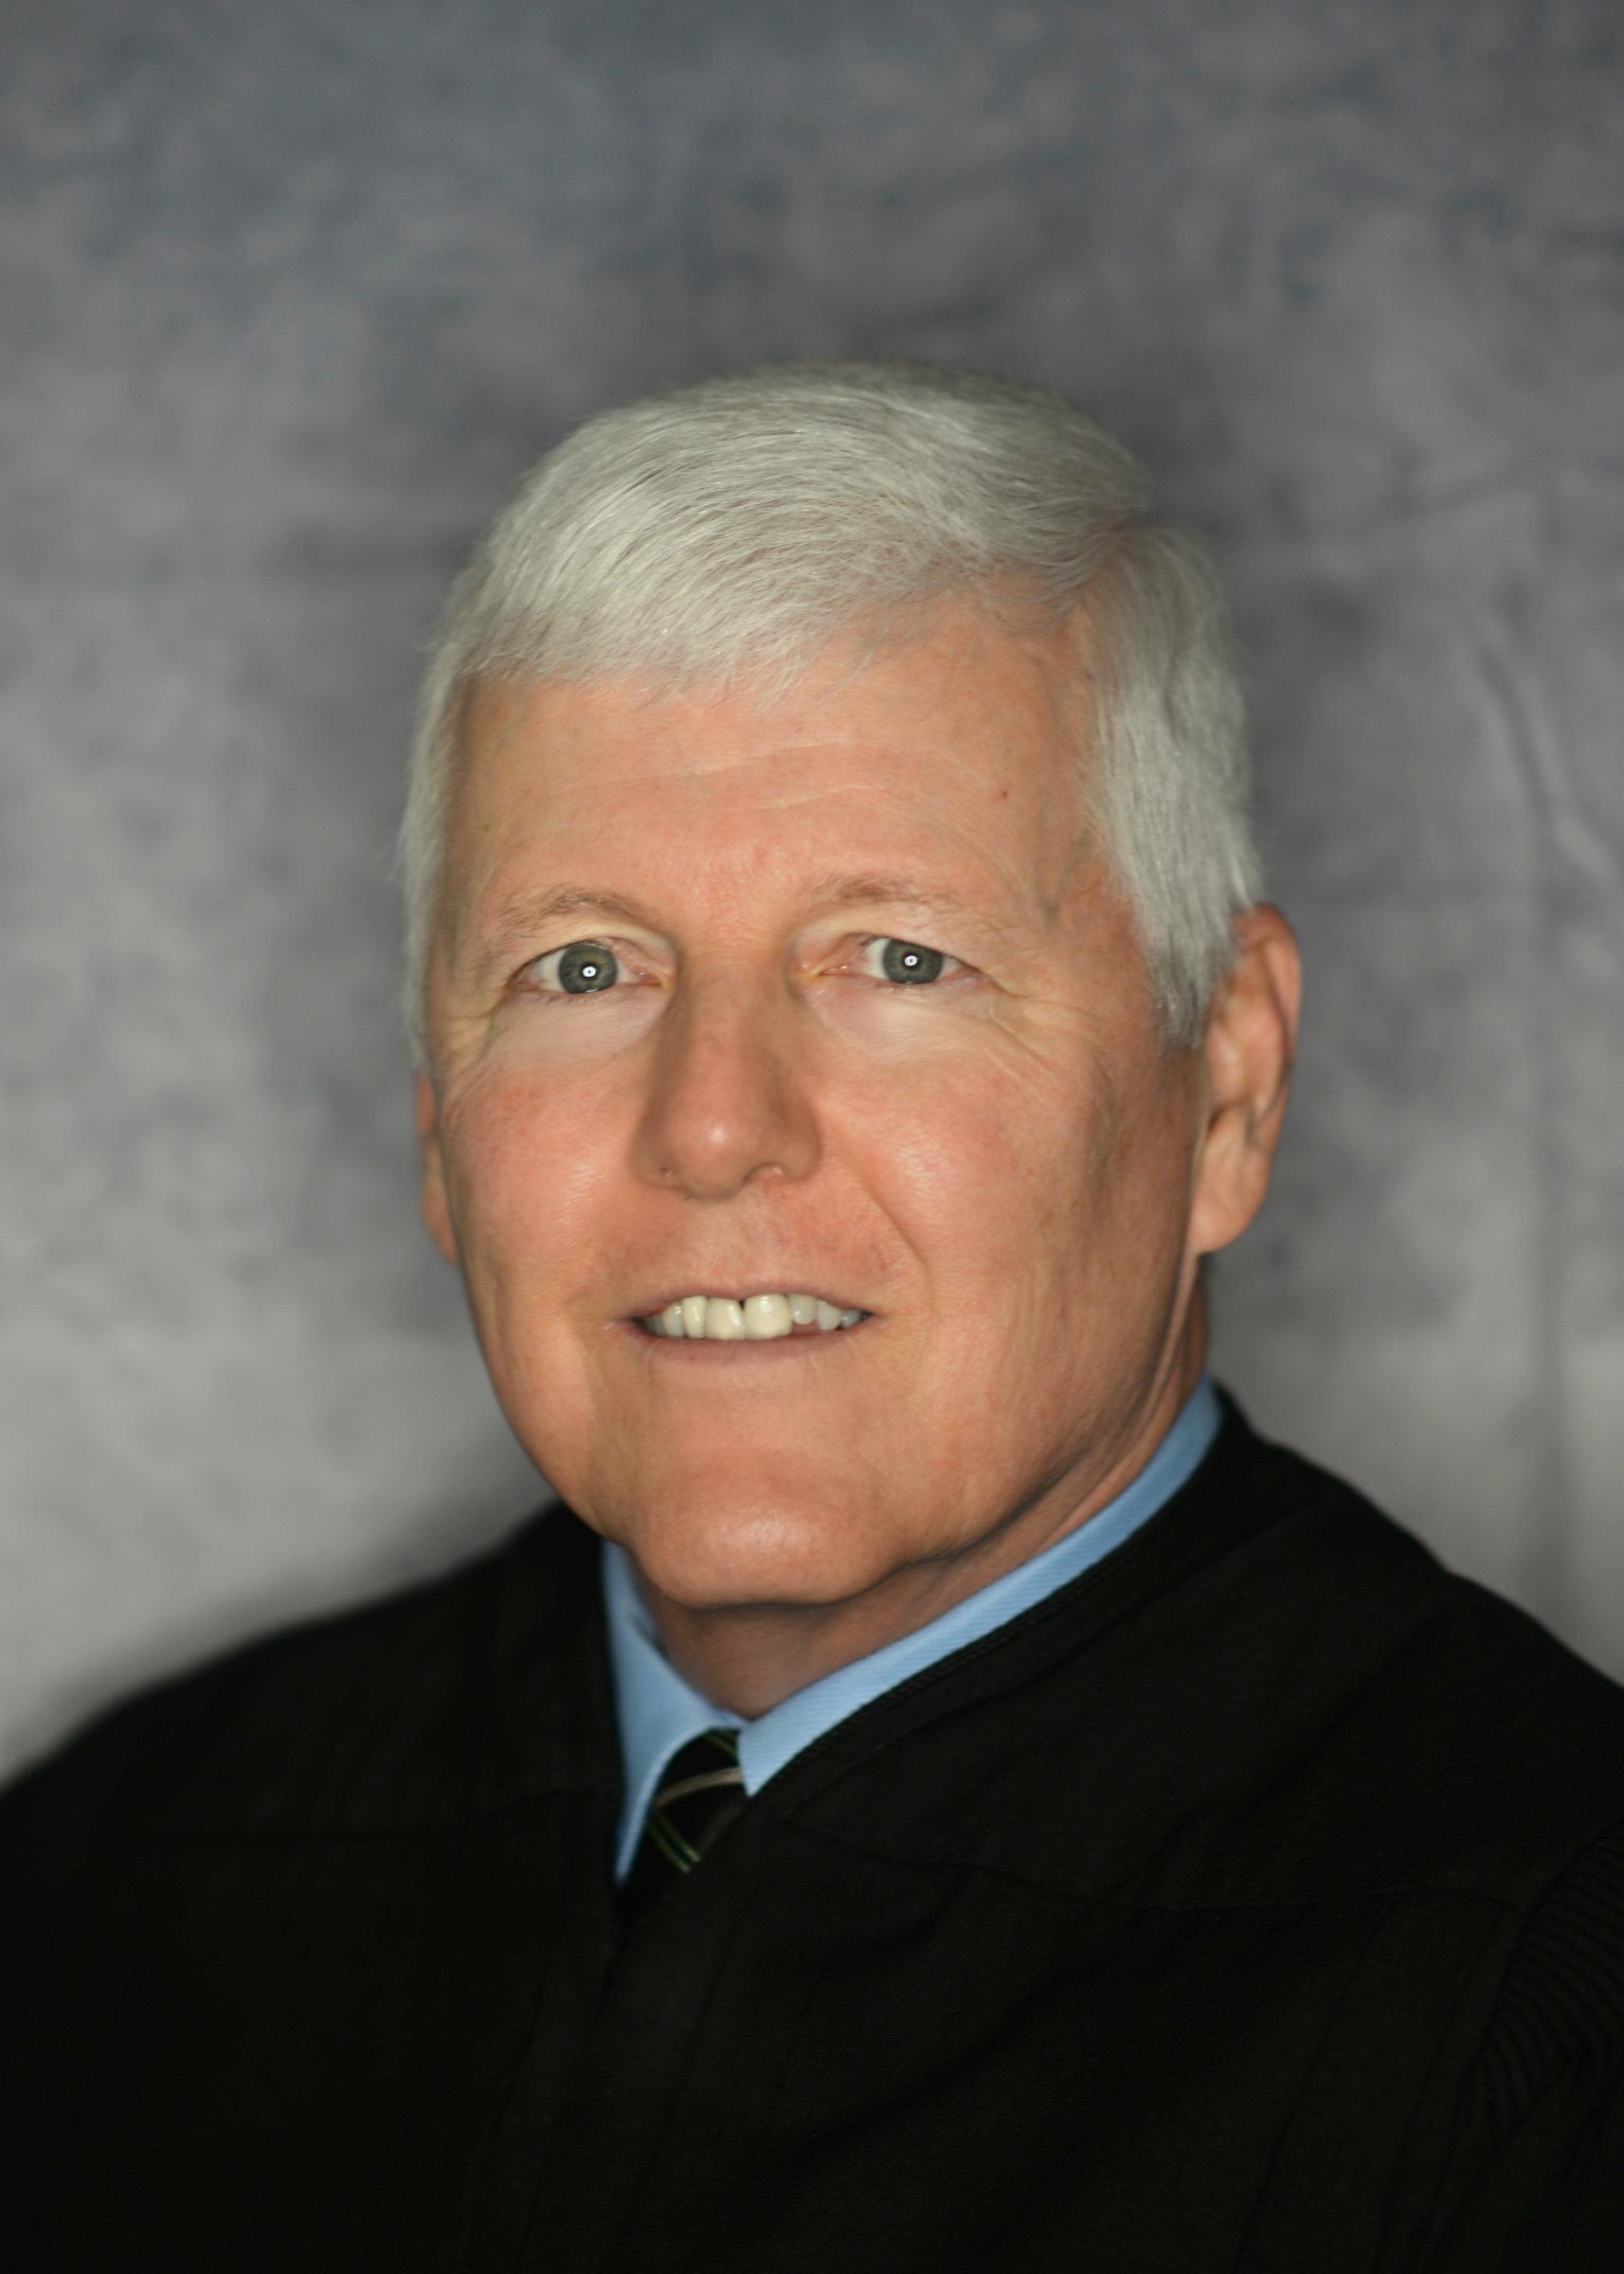 Judge William Davis